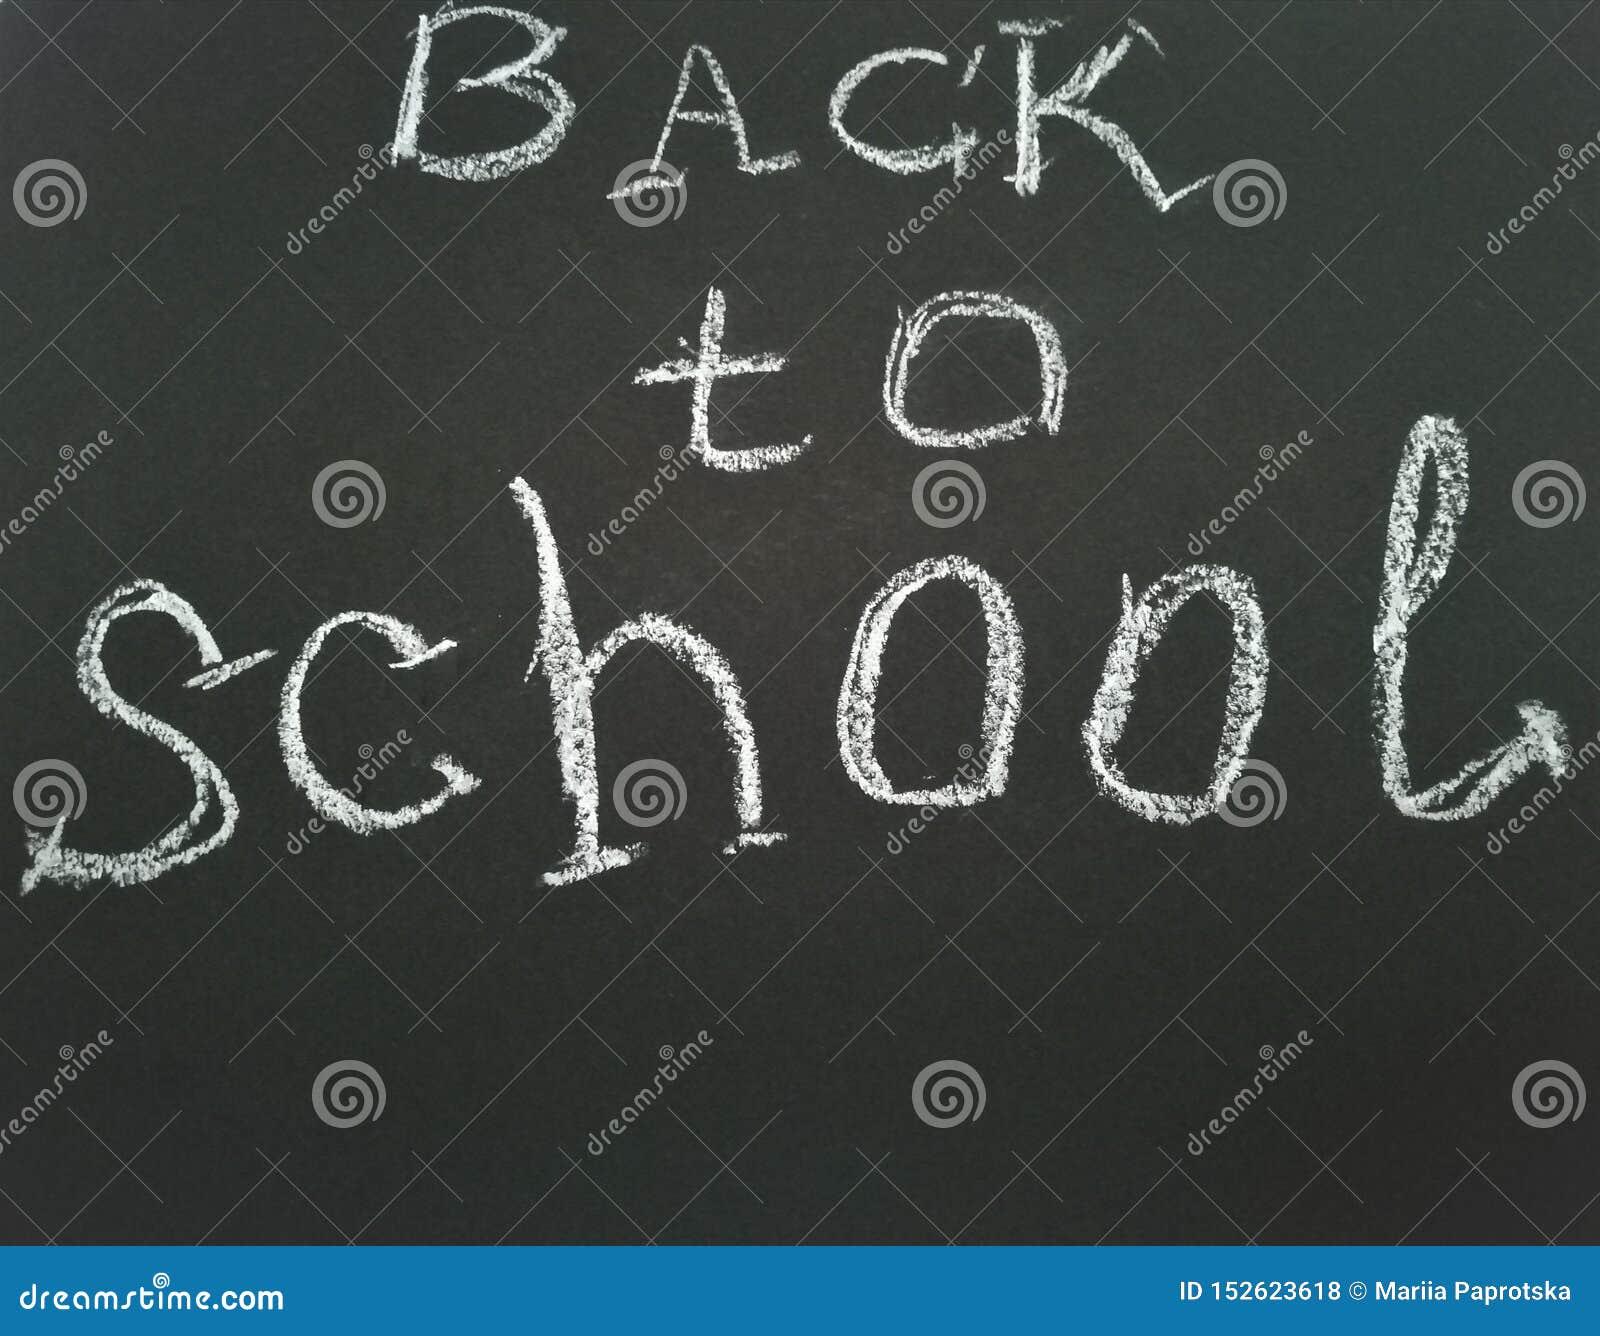 Inscription on shcool blackboard Back to school